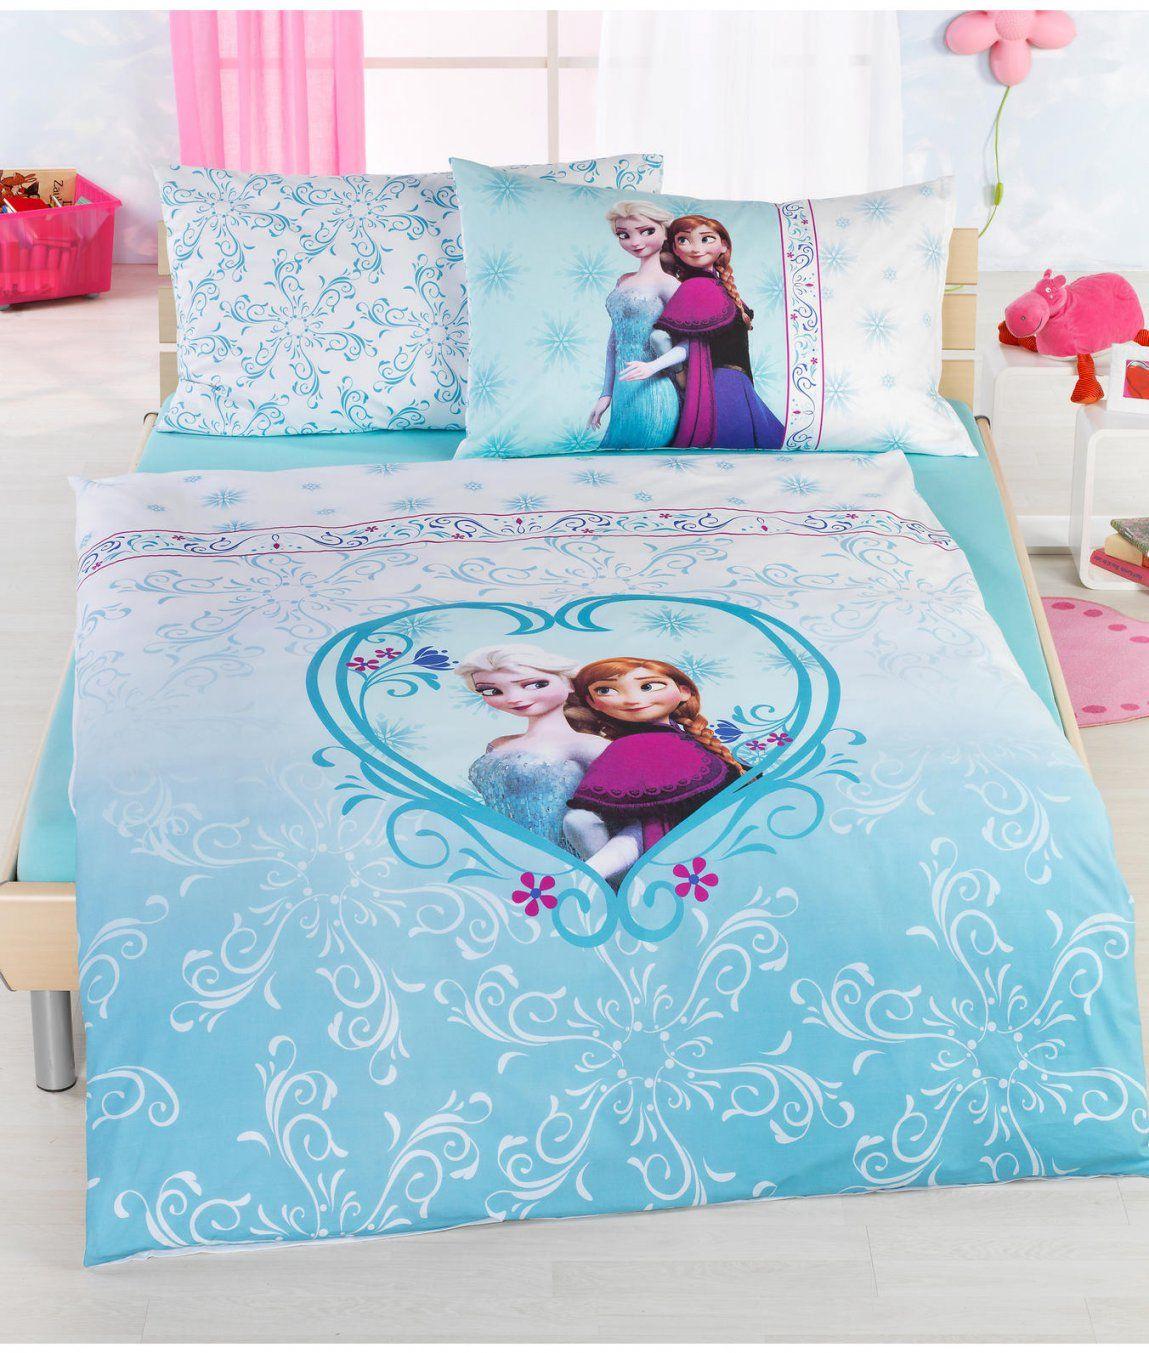 Kinderbettwäsche Garnitur Eiskönigin Kaufen  Angela Bruderer von Kinderbettwäsche Die Eiskönigin Bild